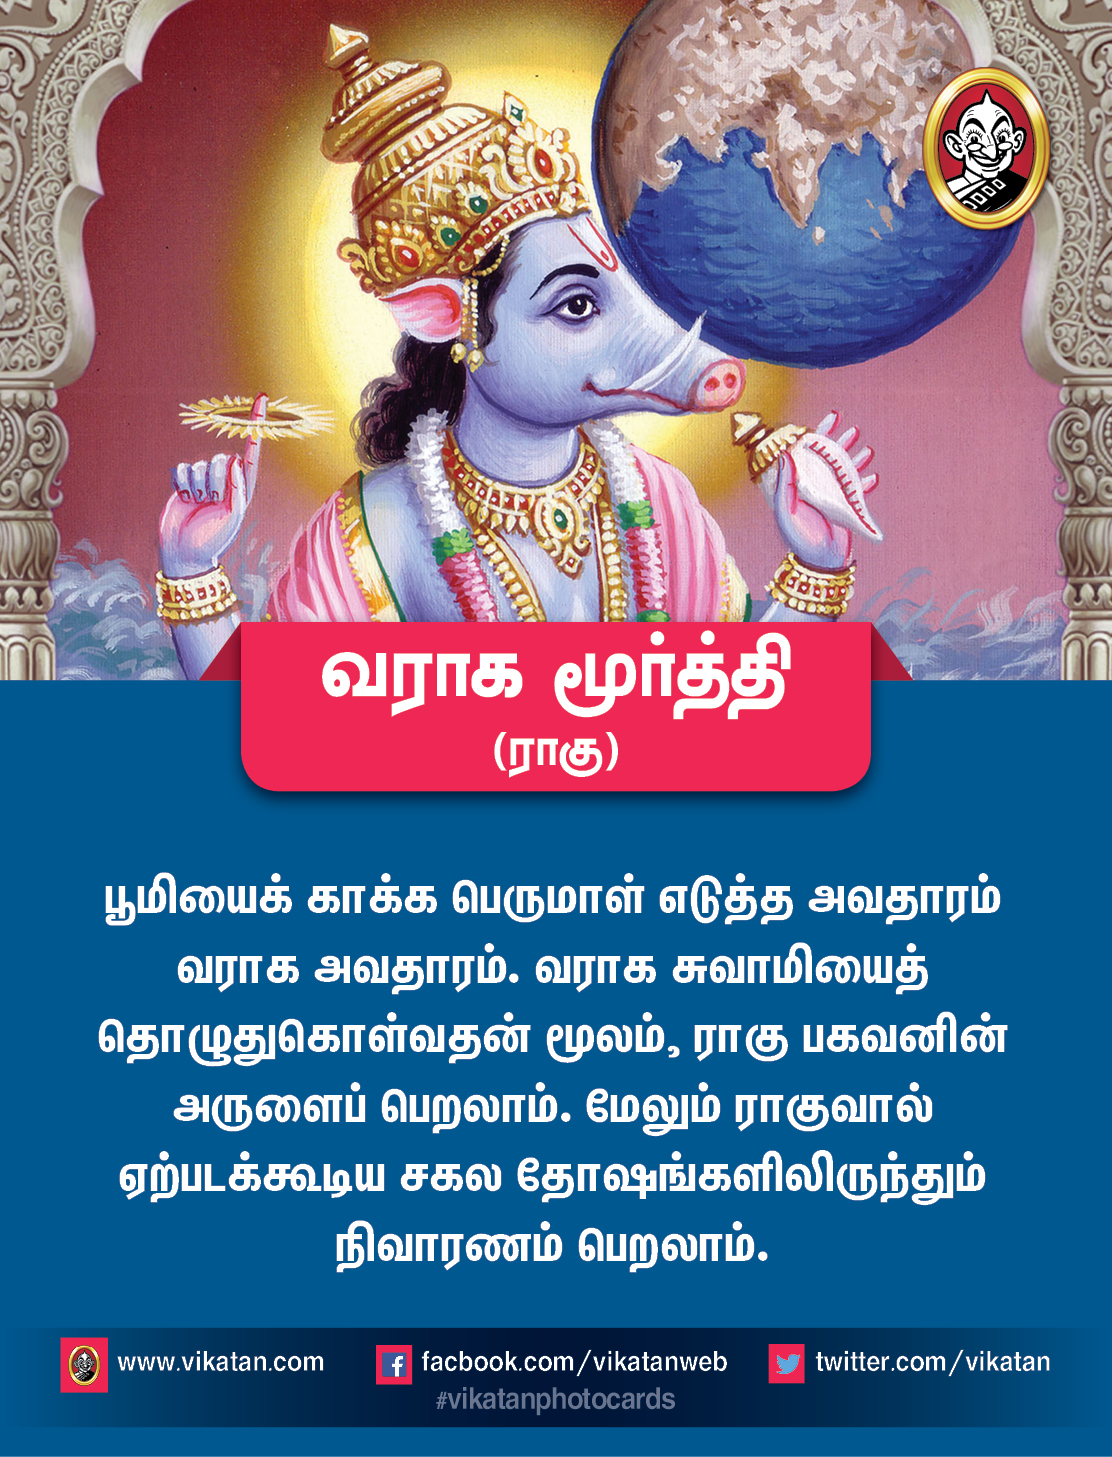 நரசிம்மர்... வராகர்... ராமர்... நவகிரக தோஷம் தீர வணங்கவேண்டிய அவதாரங்கள்!